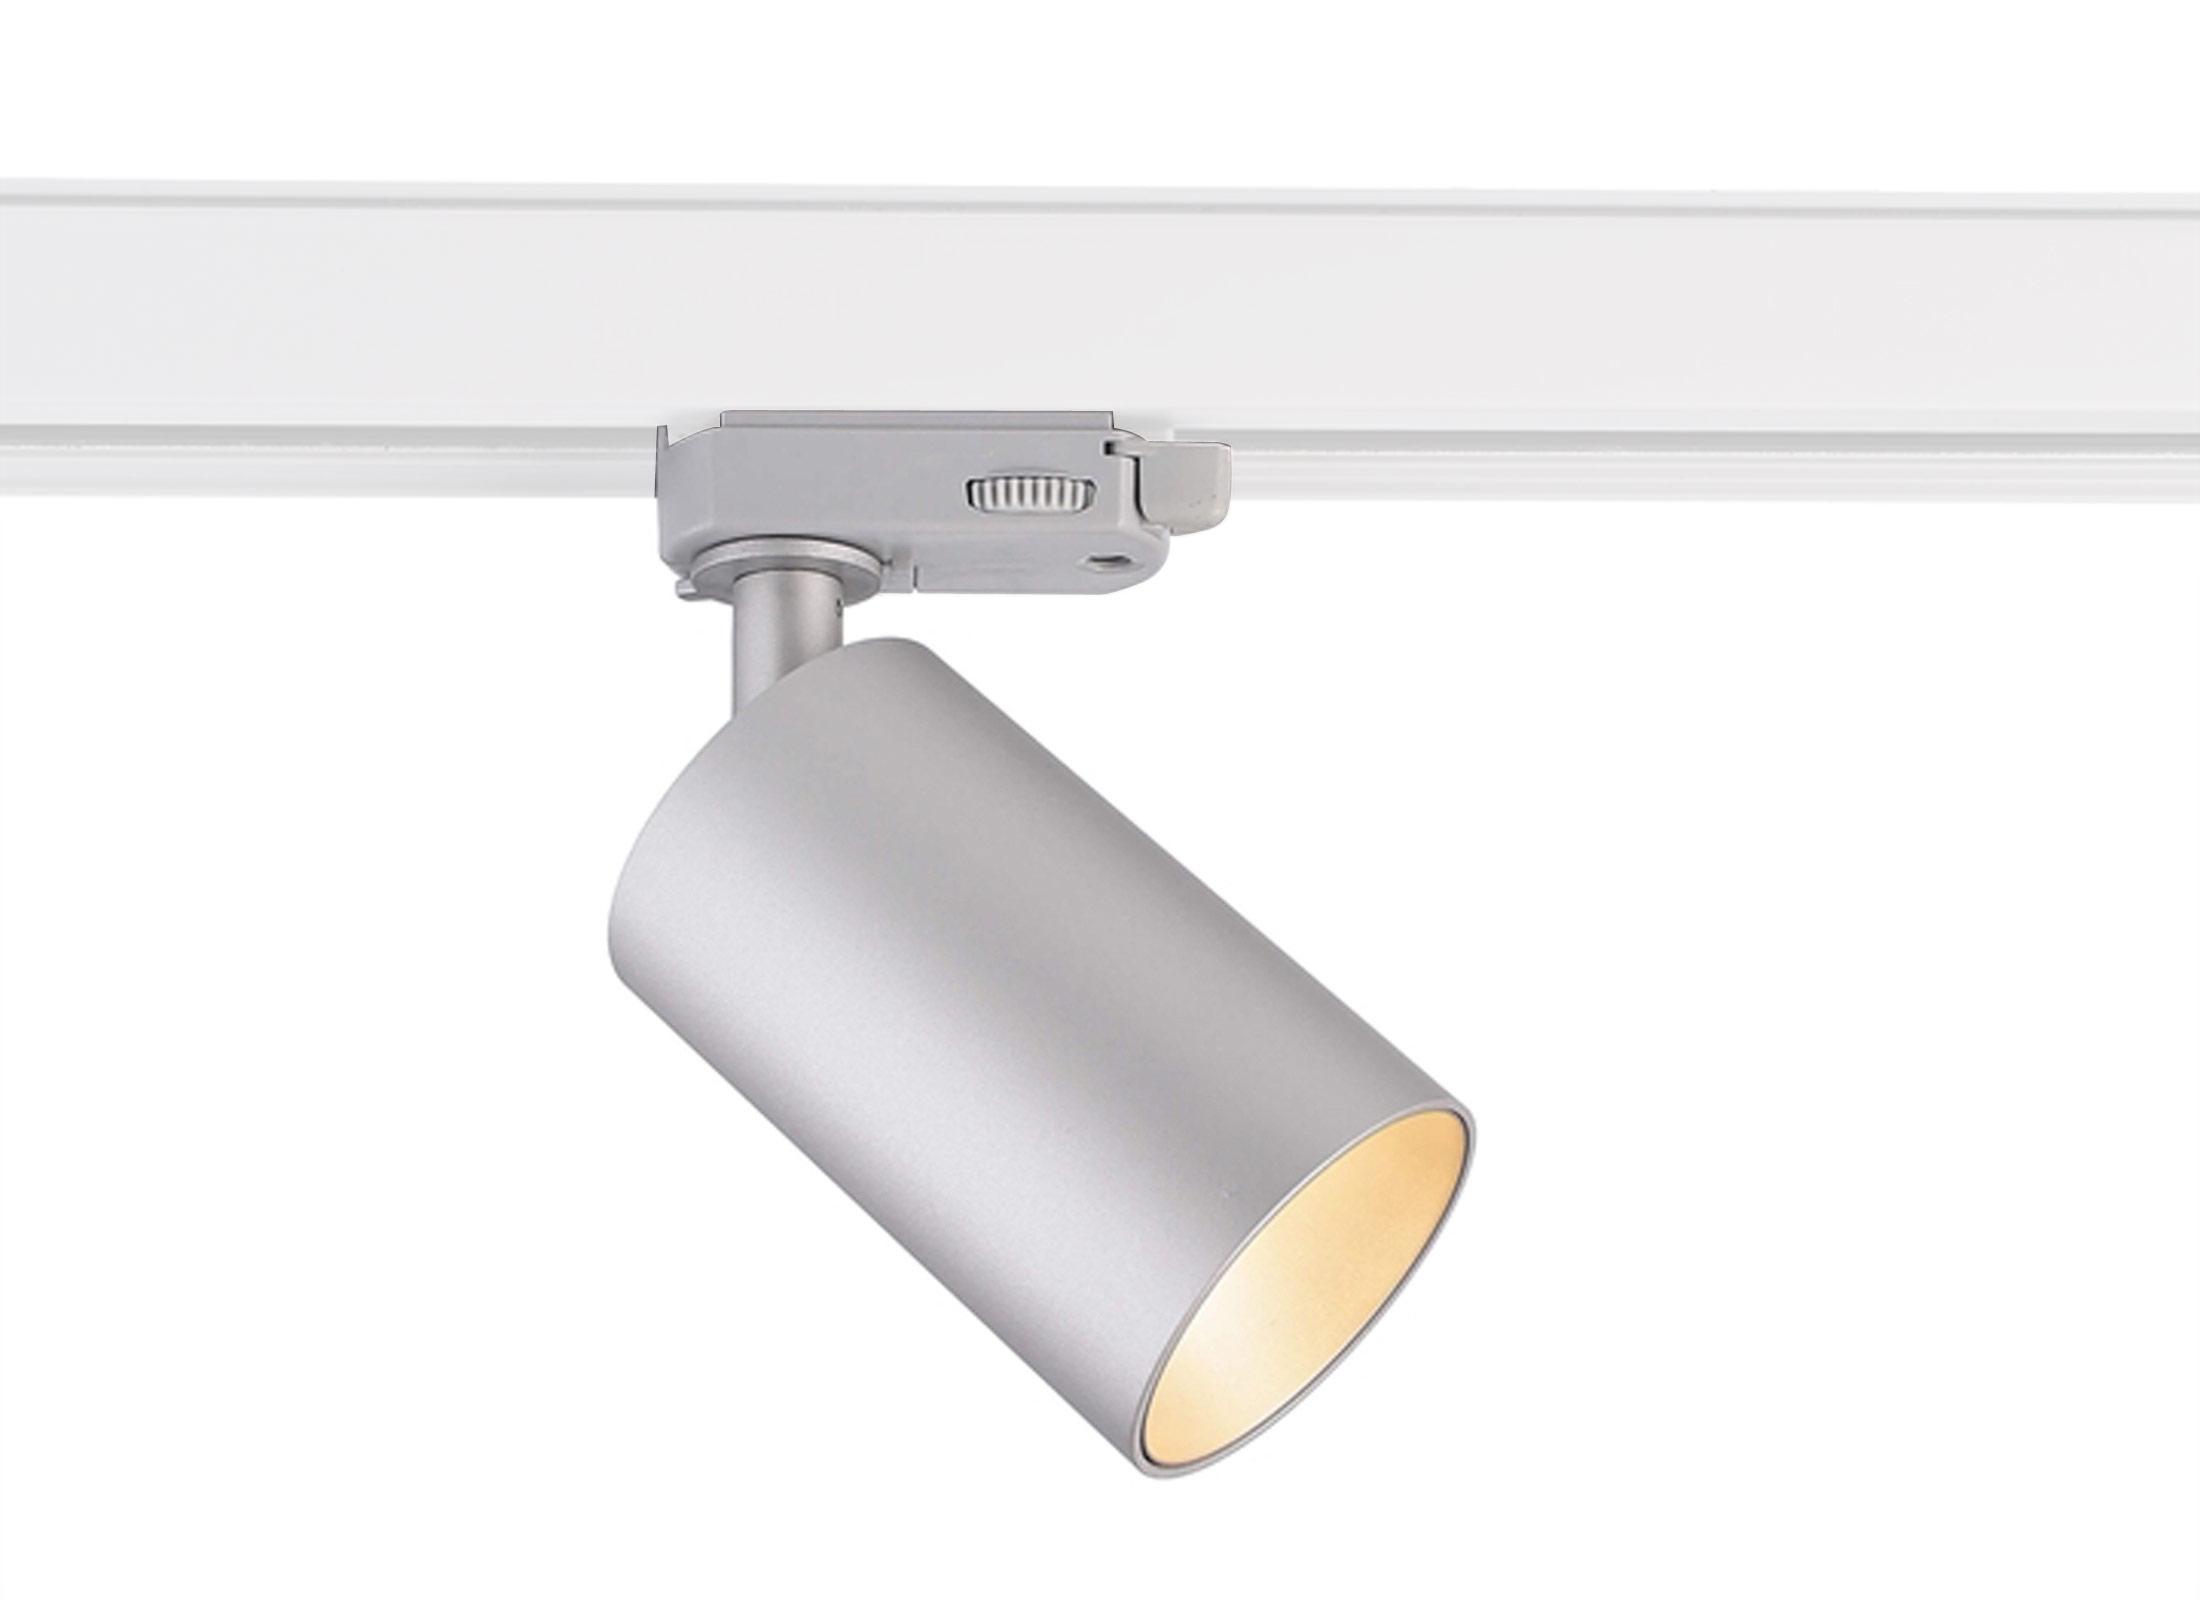 Deko Light Can Stromschienen Leuchte, silber, 20x 20.20W, 20 Phasen, 2200V,  GU200 Sockel, OHNE LEUCHTMITTEL